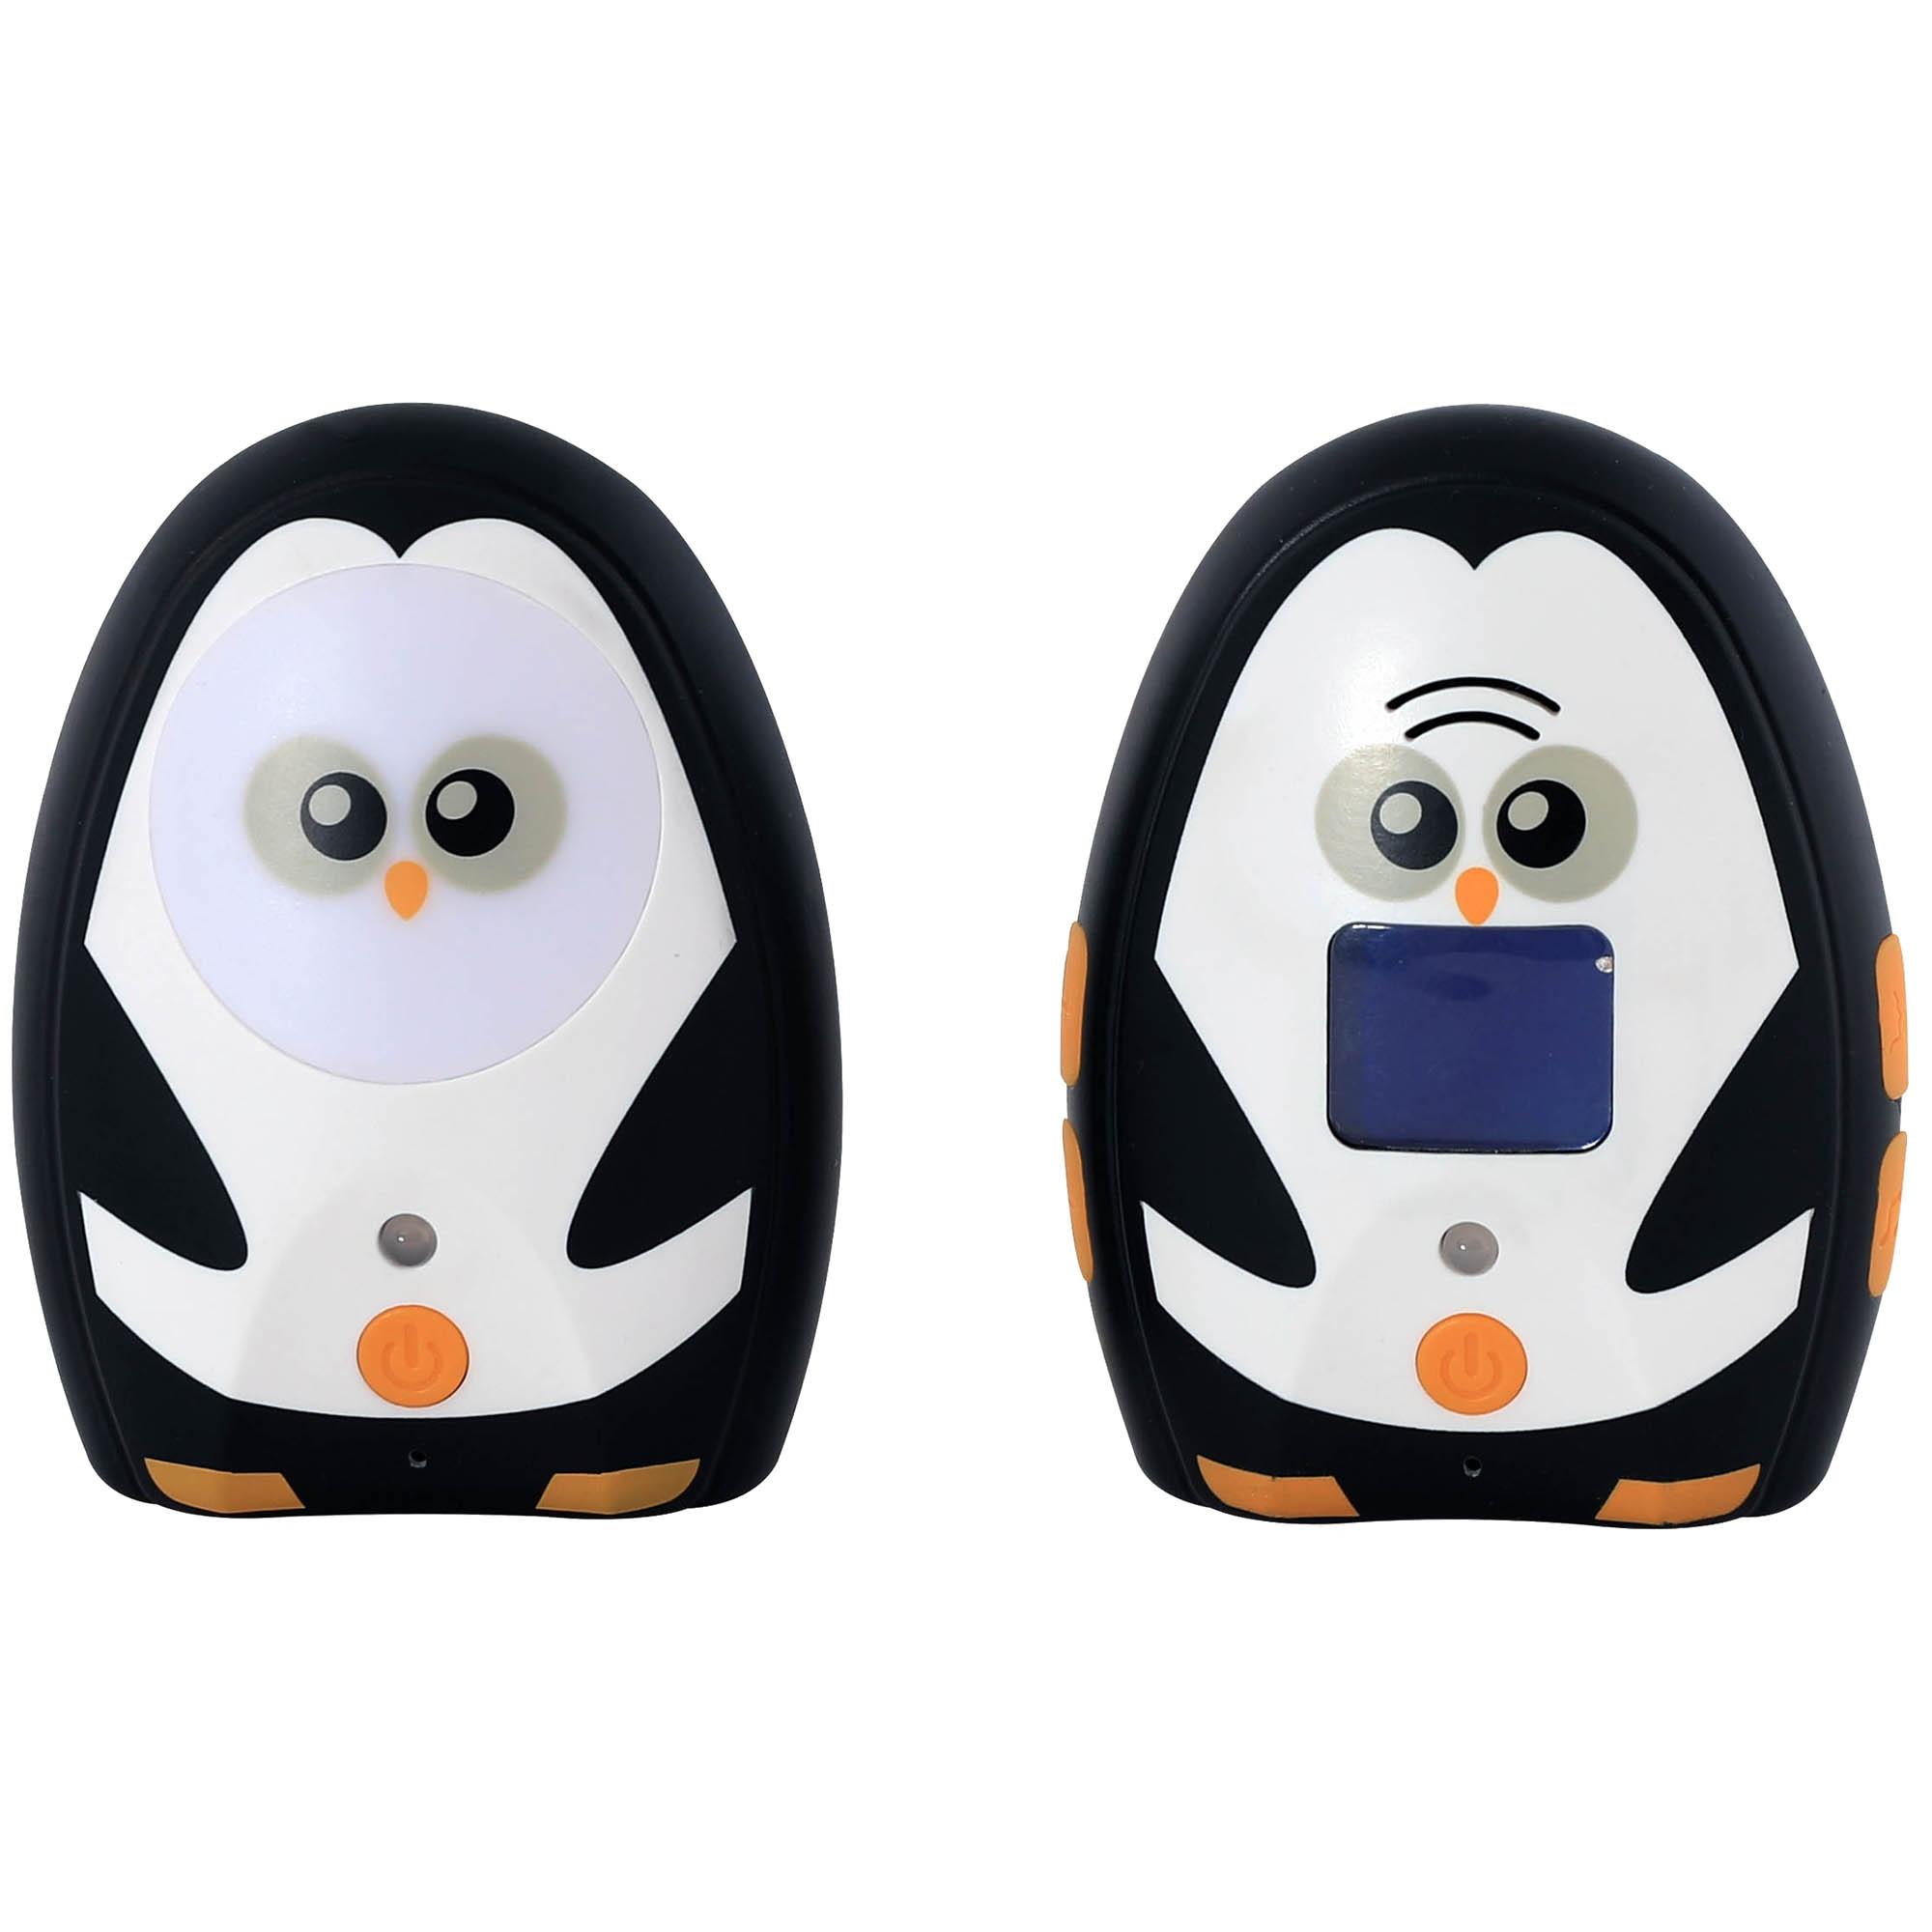 Fotografie Baby monitor Lorelli, wireless, Pinguin